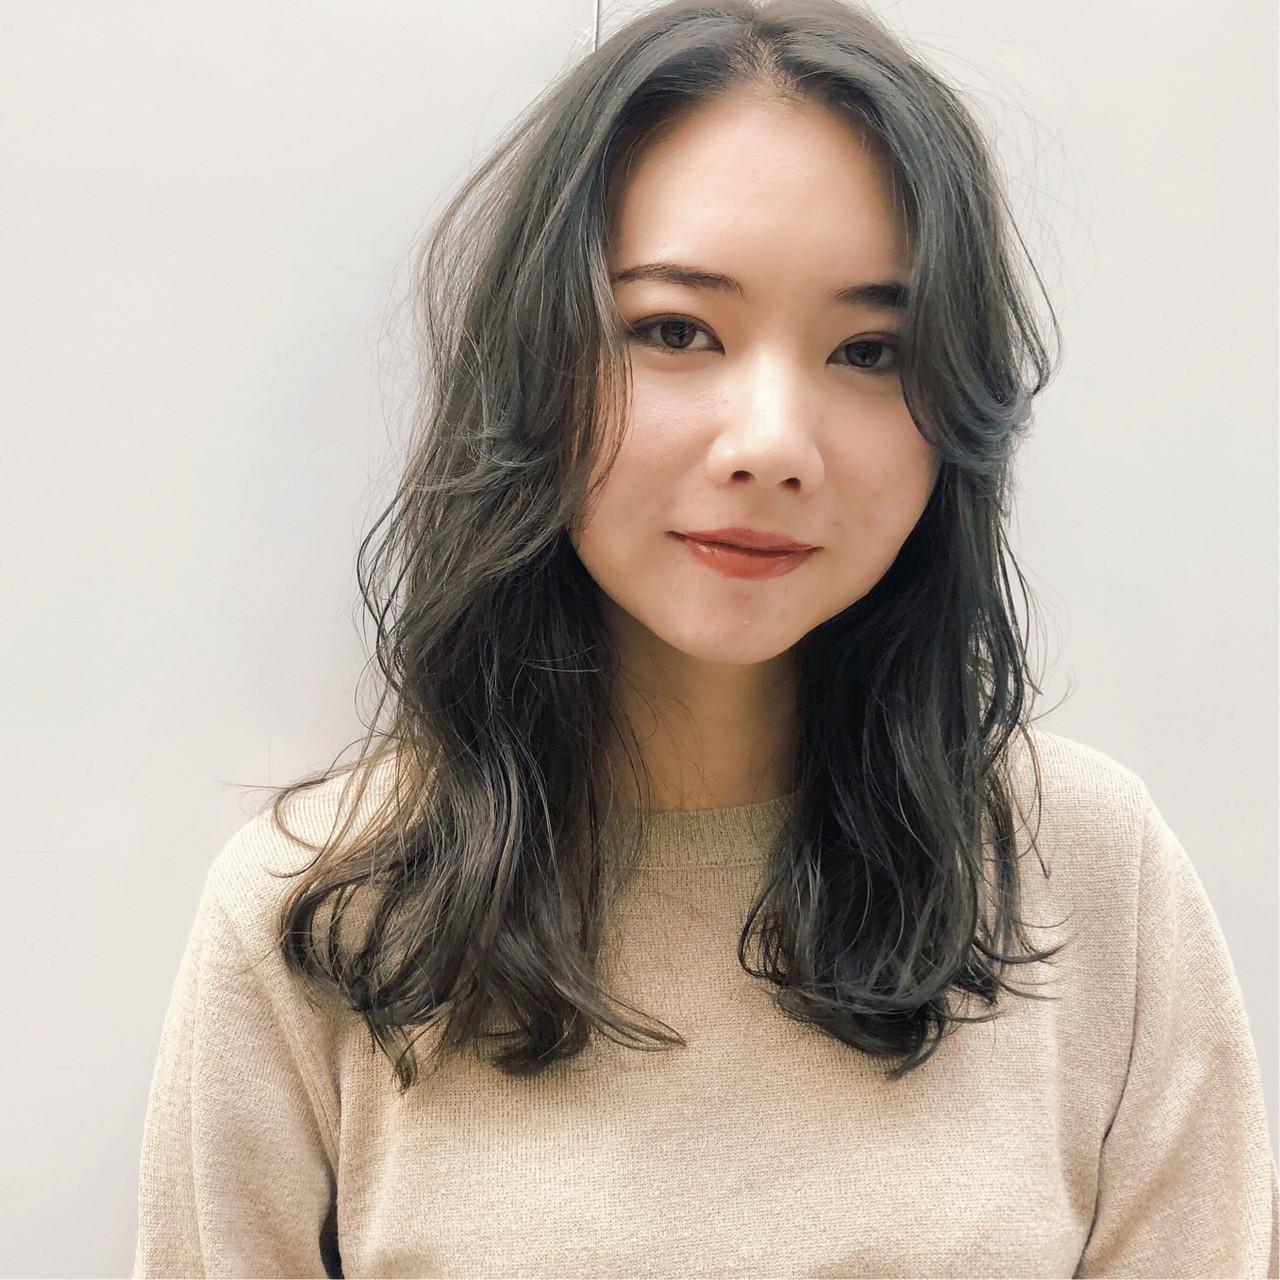 カーキアッシュ レイヤーカット エフォートレス ミディアム ヘアスタイルや髪型の写真・画像